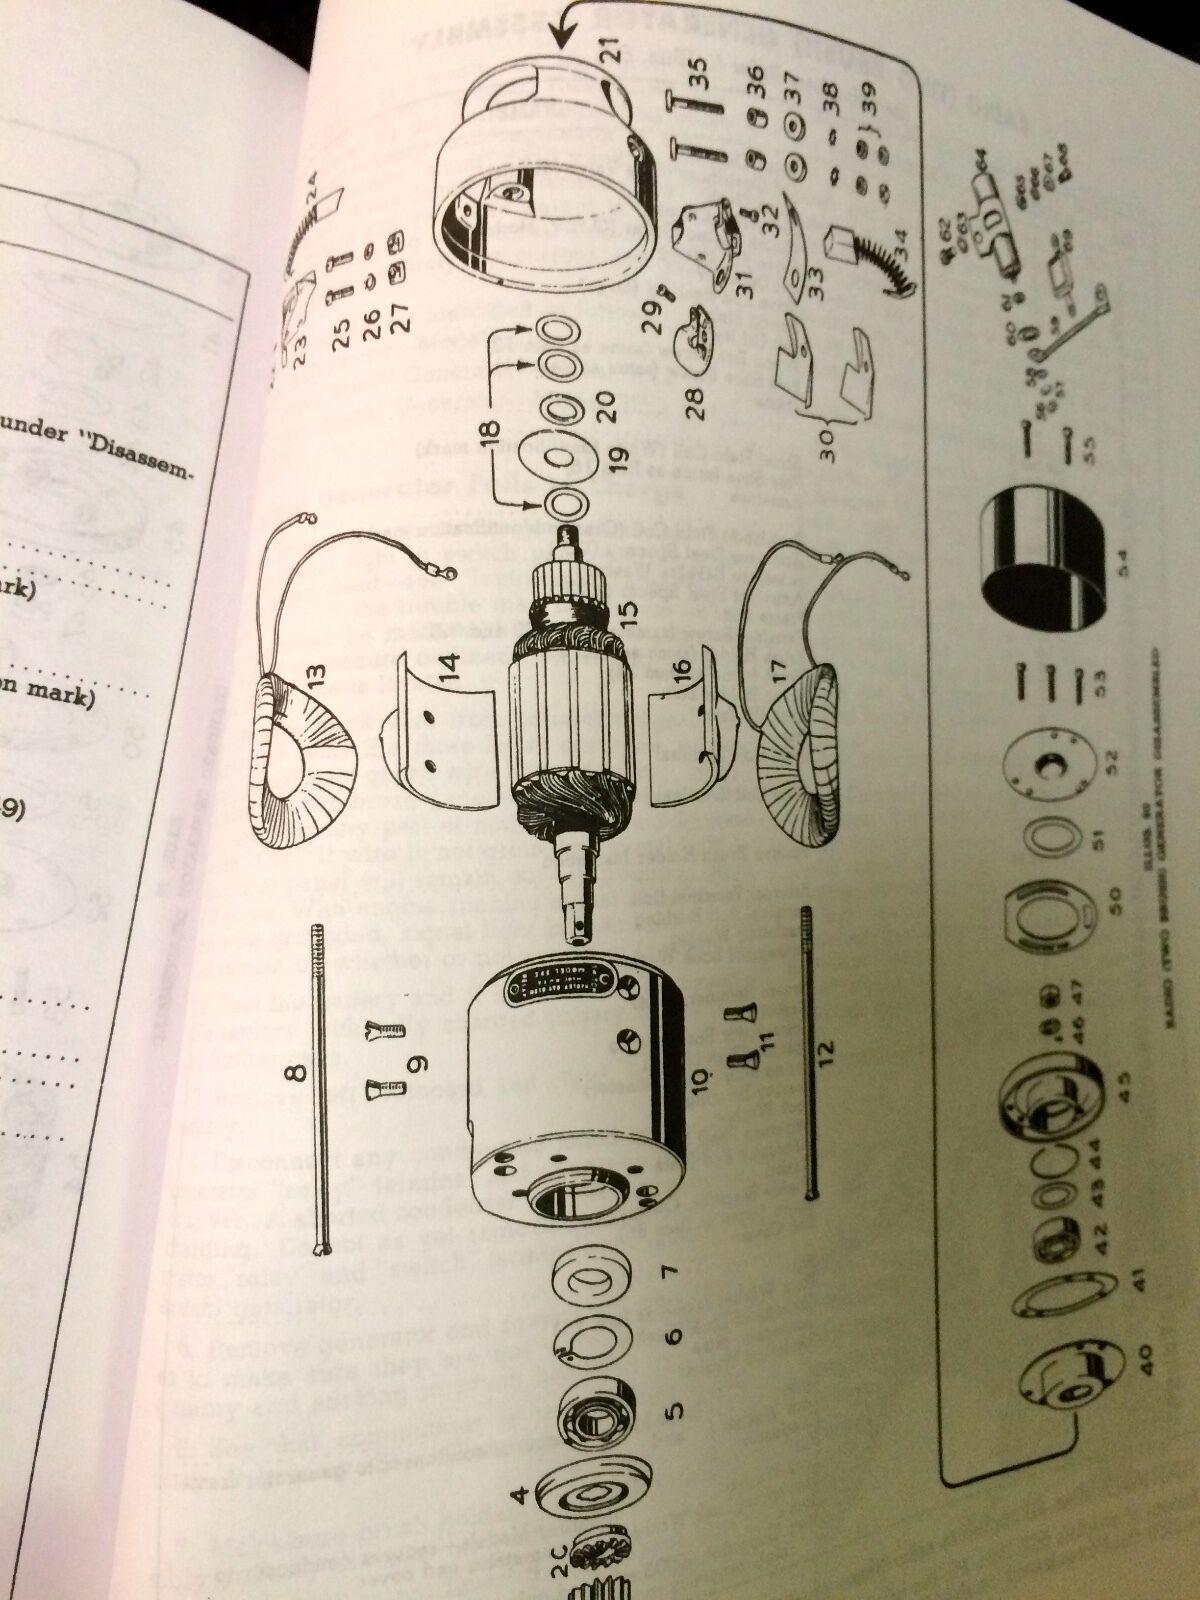 1957 Panhead Wiring Diagram. Panhead Exhaust, Panhead Starter ... on knucklehead wiring diagram, harley panhead generator, harley panhead oil filter, harley panhead transmission, harley panhead speedometer, shovelhead wiring diagram, panhead chopper wiring diagram, harley panhead exhaust, indian motorcycle wiring diagram, harley panhead carburetor, harley panhead frame, harley panhead engine, harley panhead horn, harley panhead clutch diagram, harley panhead parts, harley panhead oil pump,